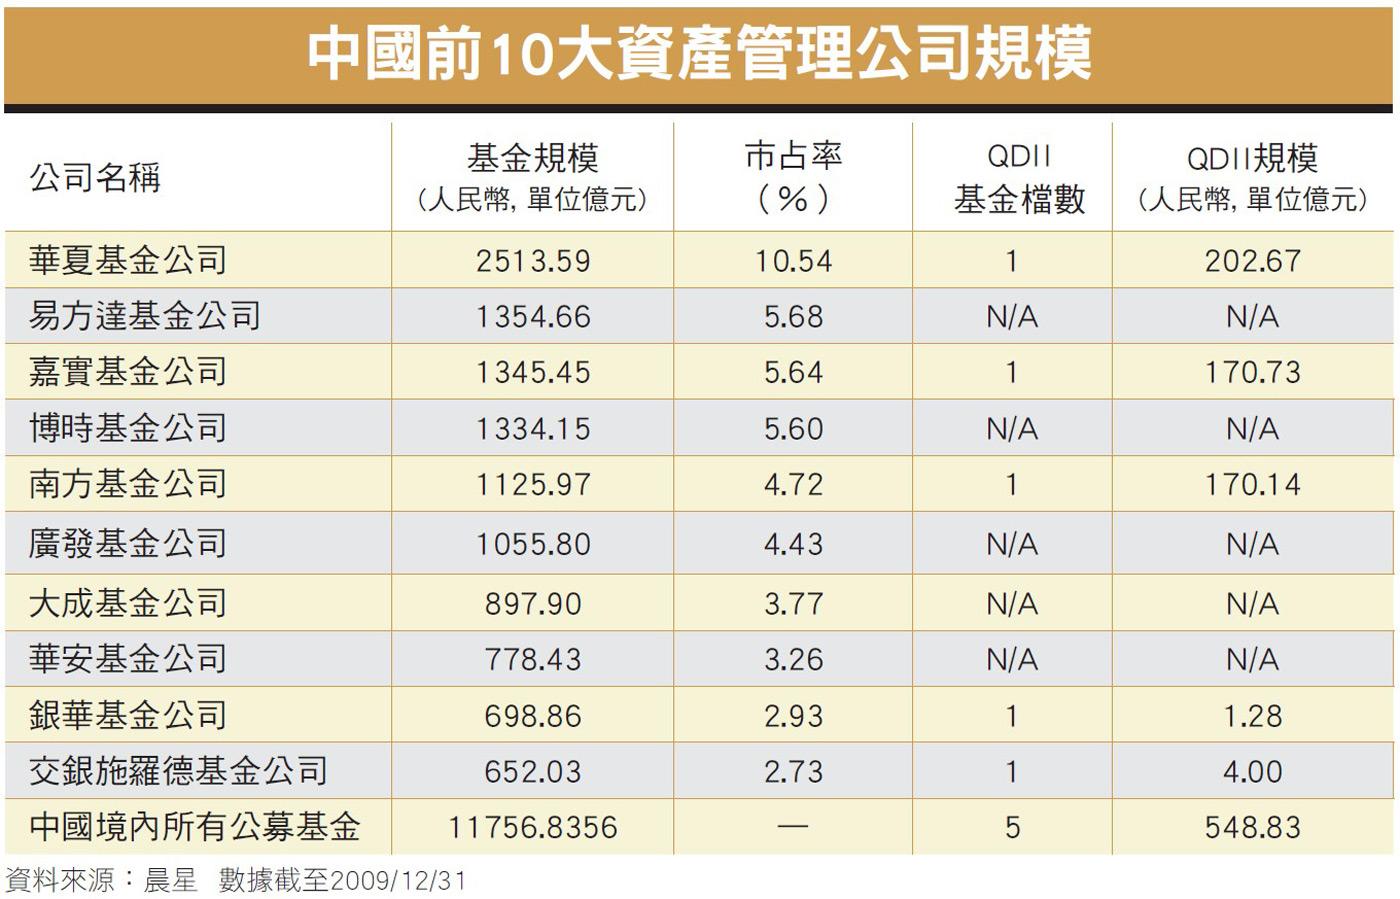 中國前10大資產管理公司規模